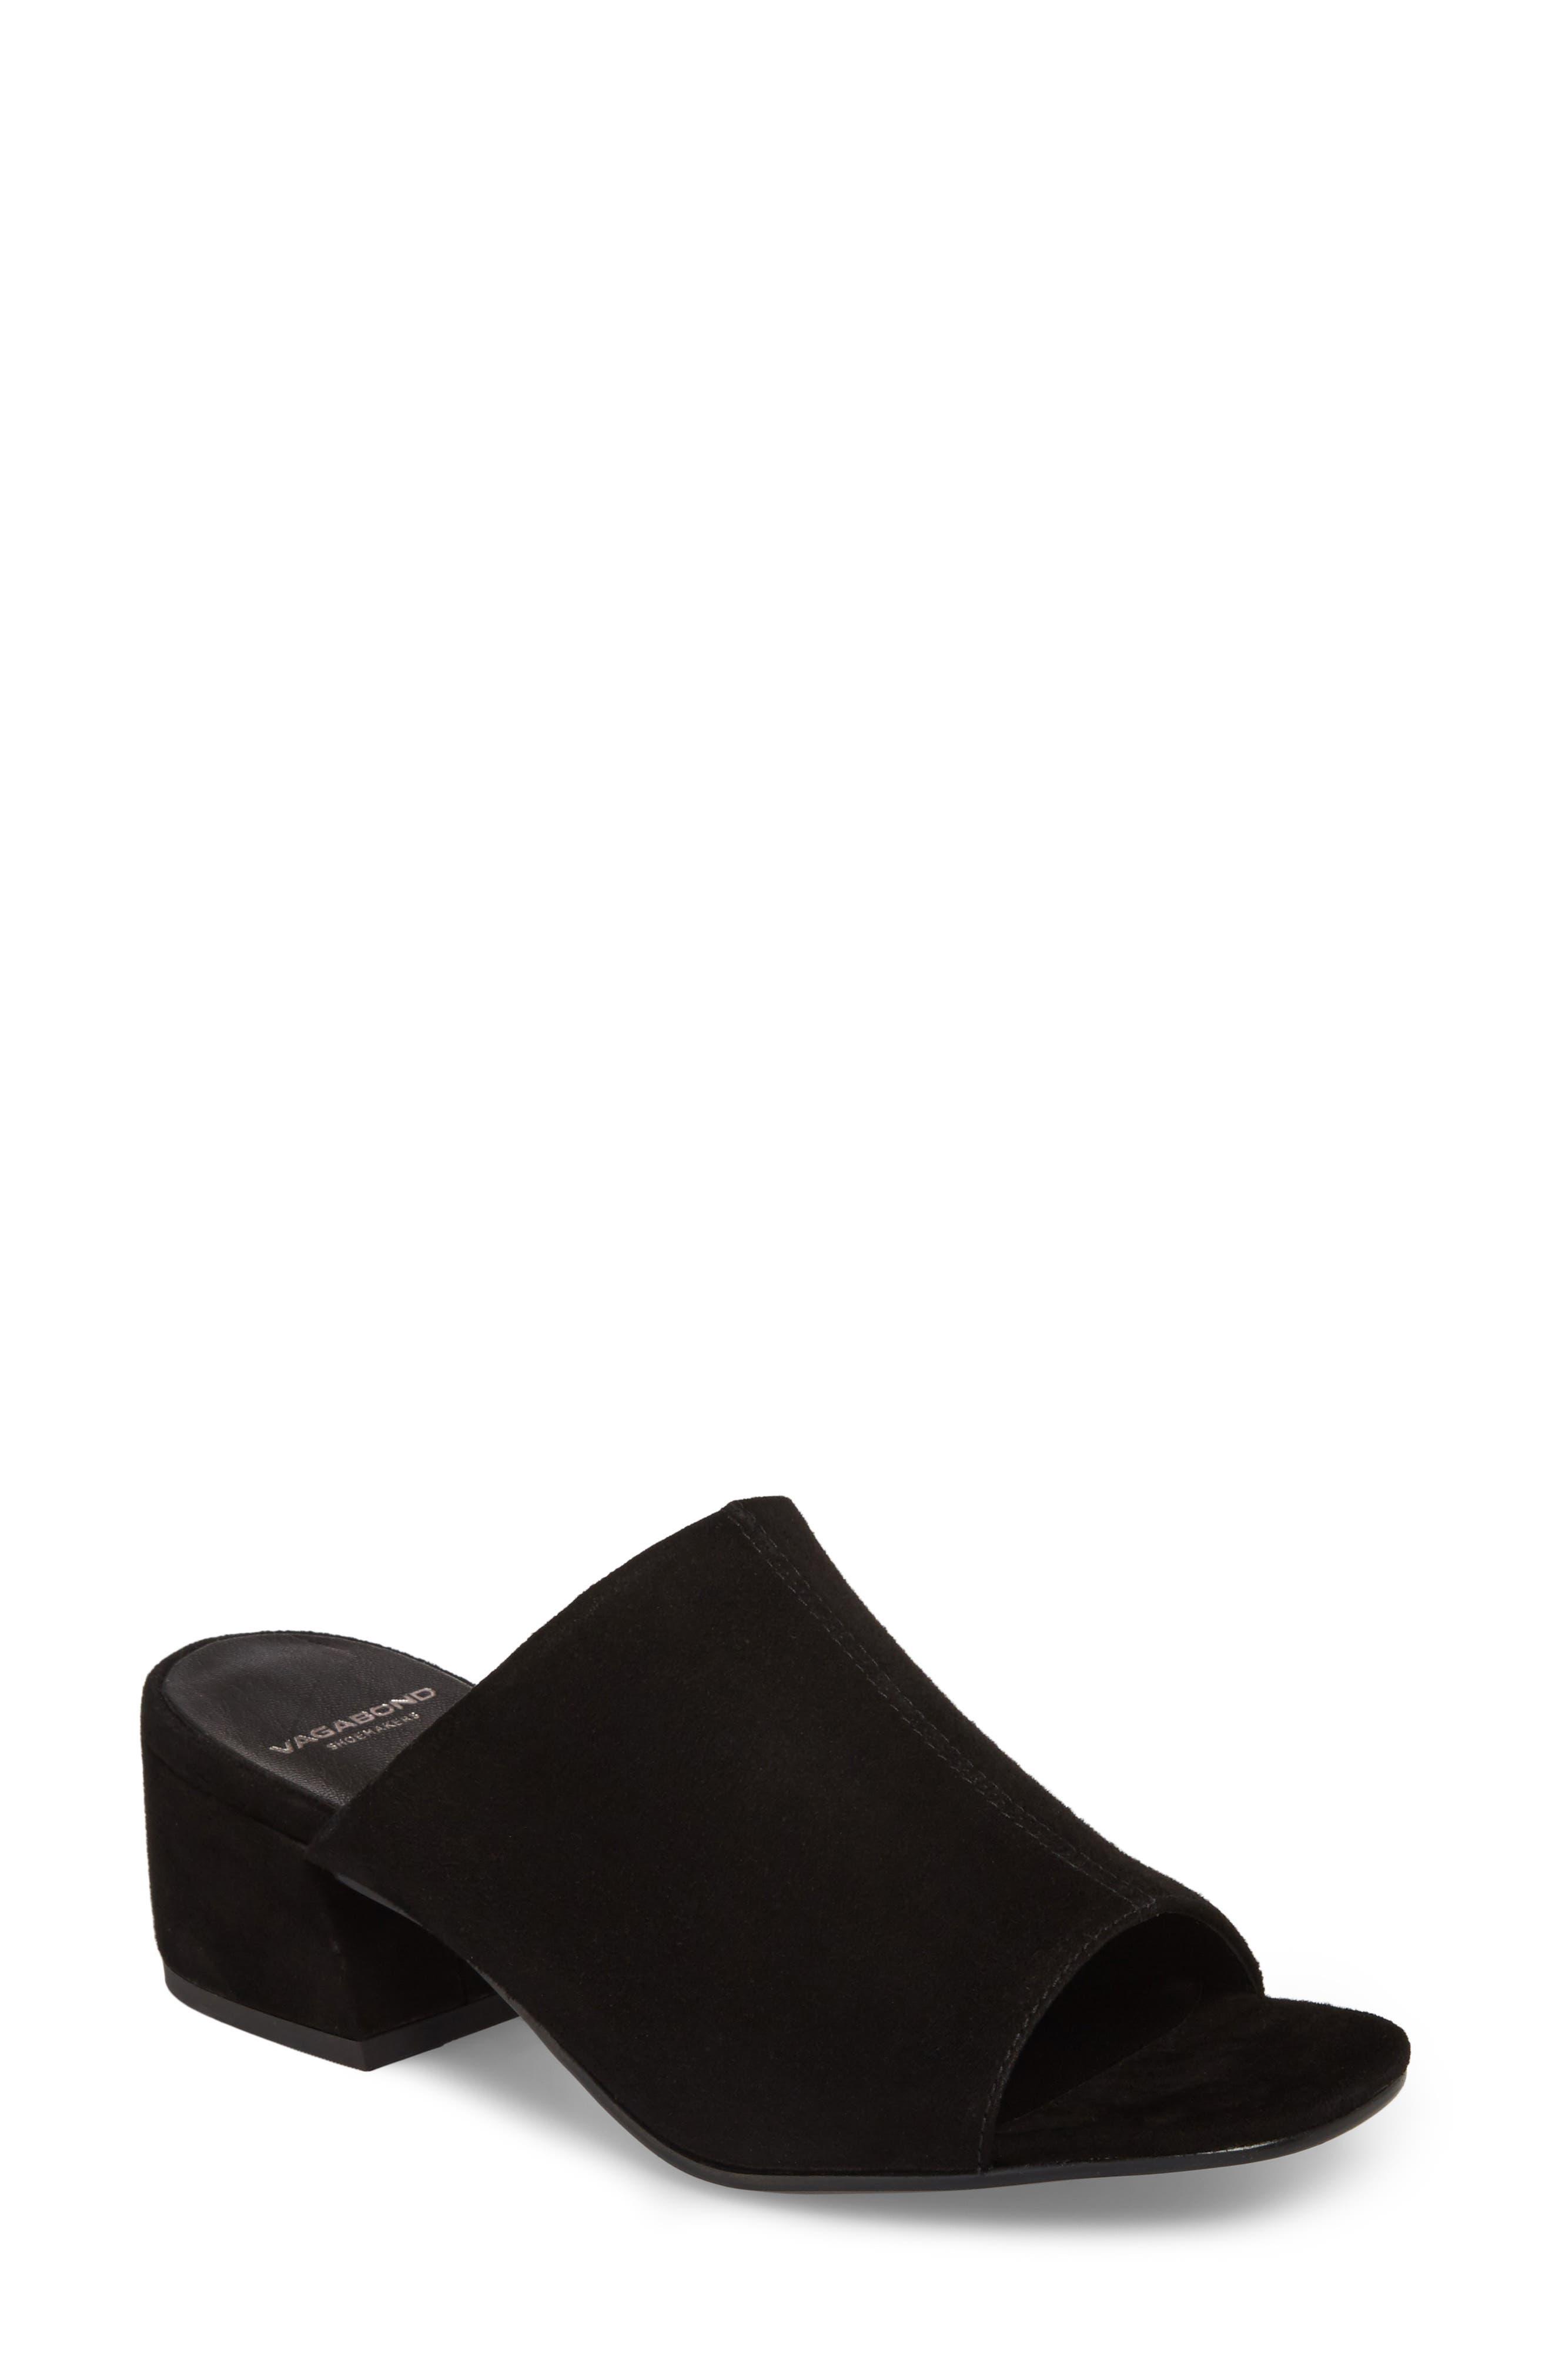 Saide Slide Sandal,                         Main,                         color, BLACK SUEDE